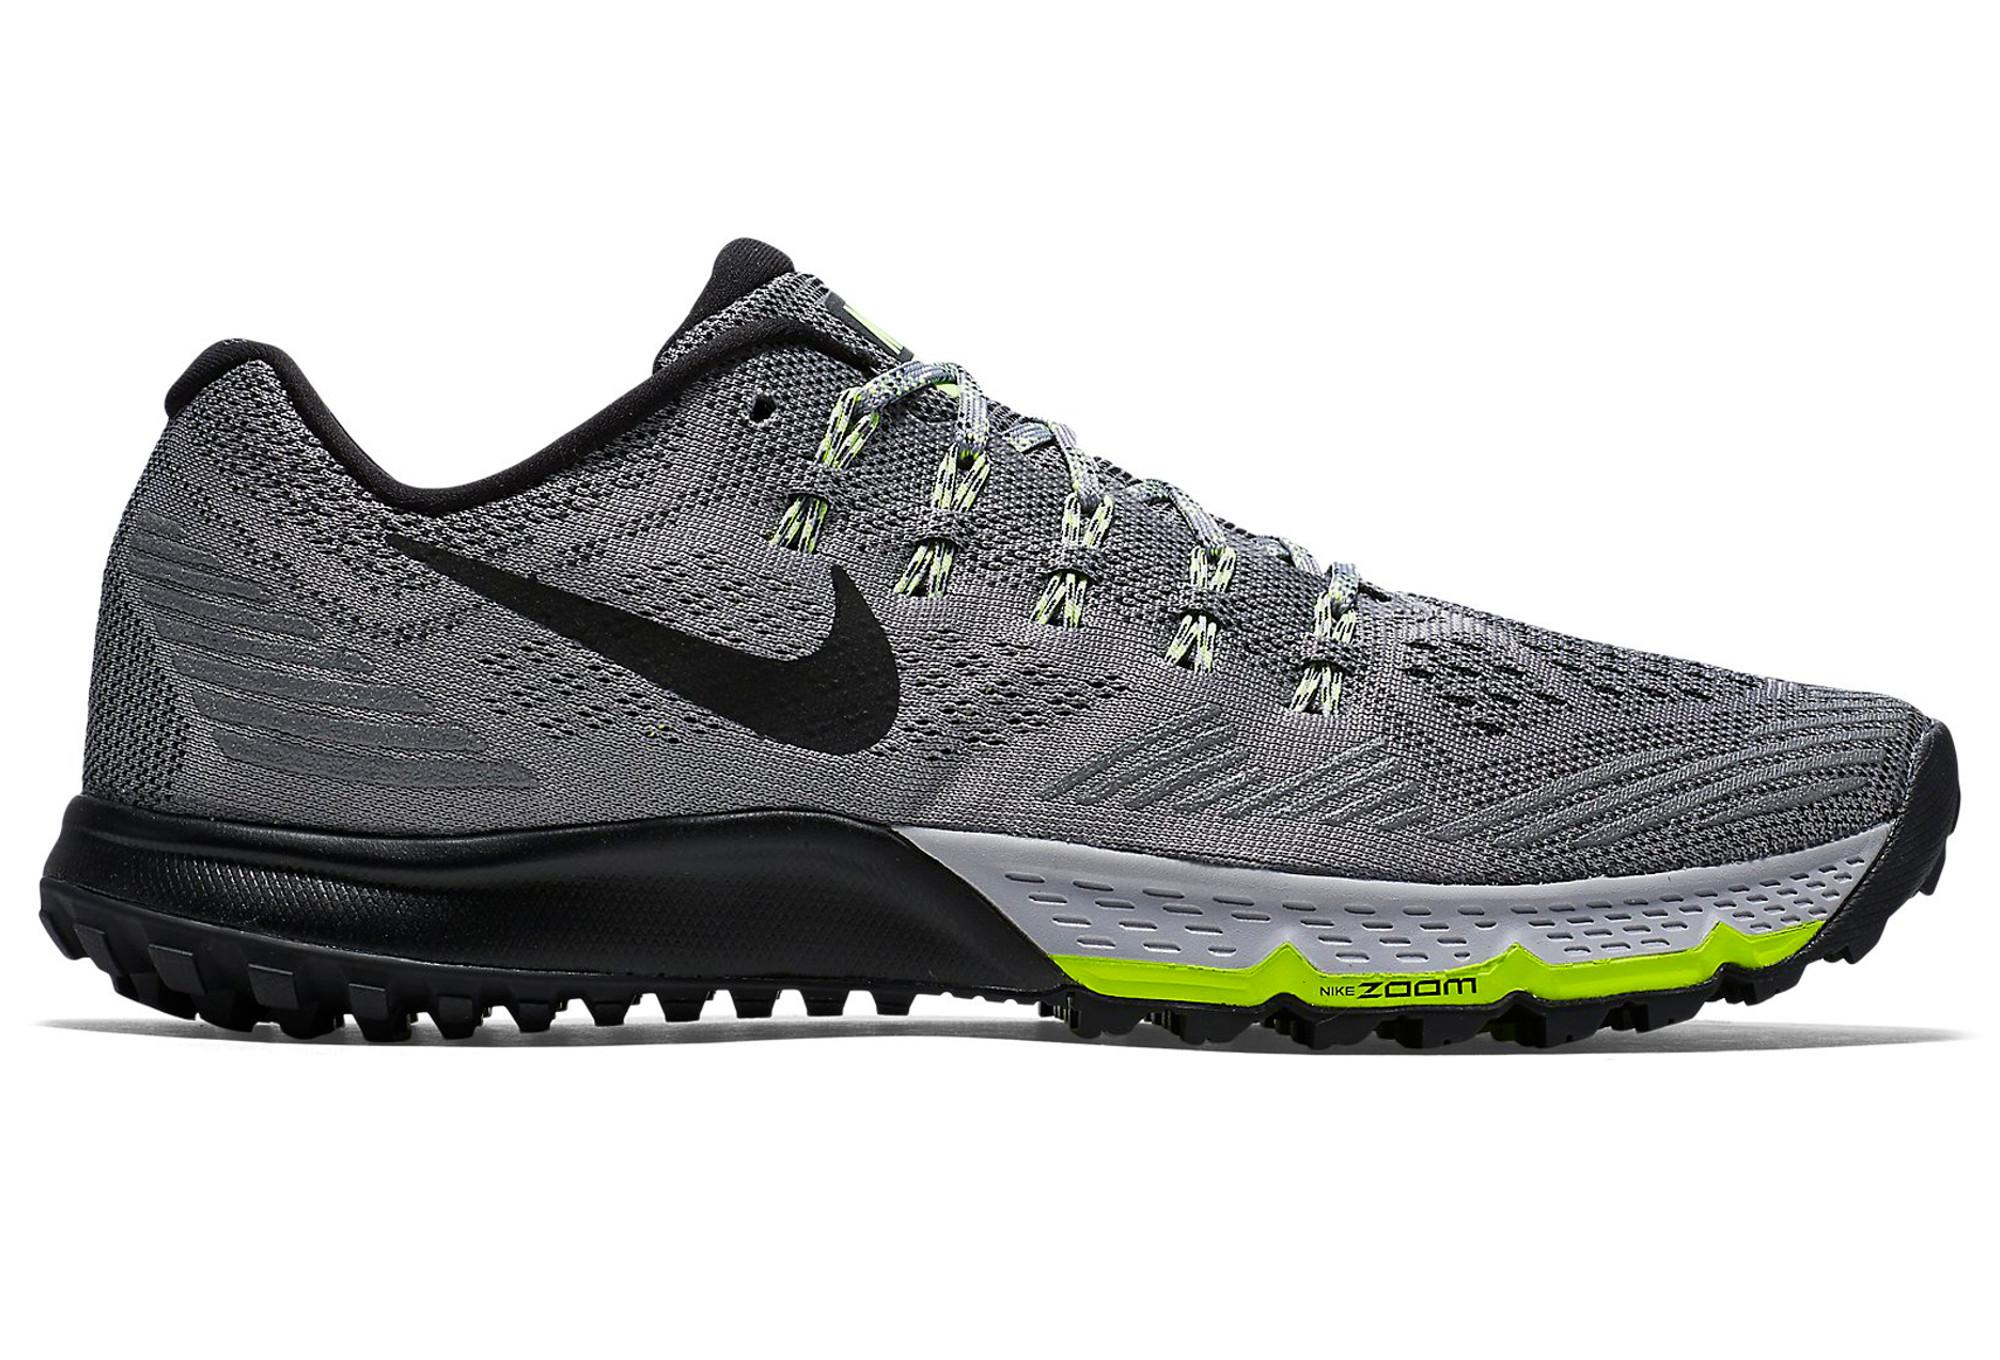 separation shoes d64a3 9d06c Chaussures de Trail Nike ZOOM TERRA KIGER 3 Gris